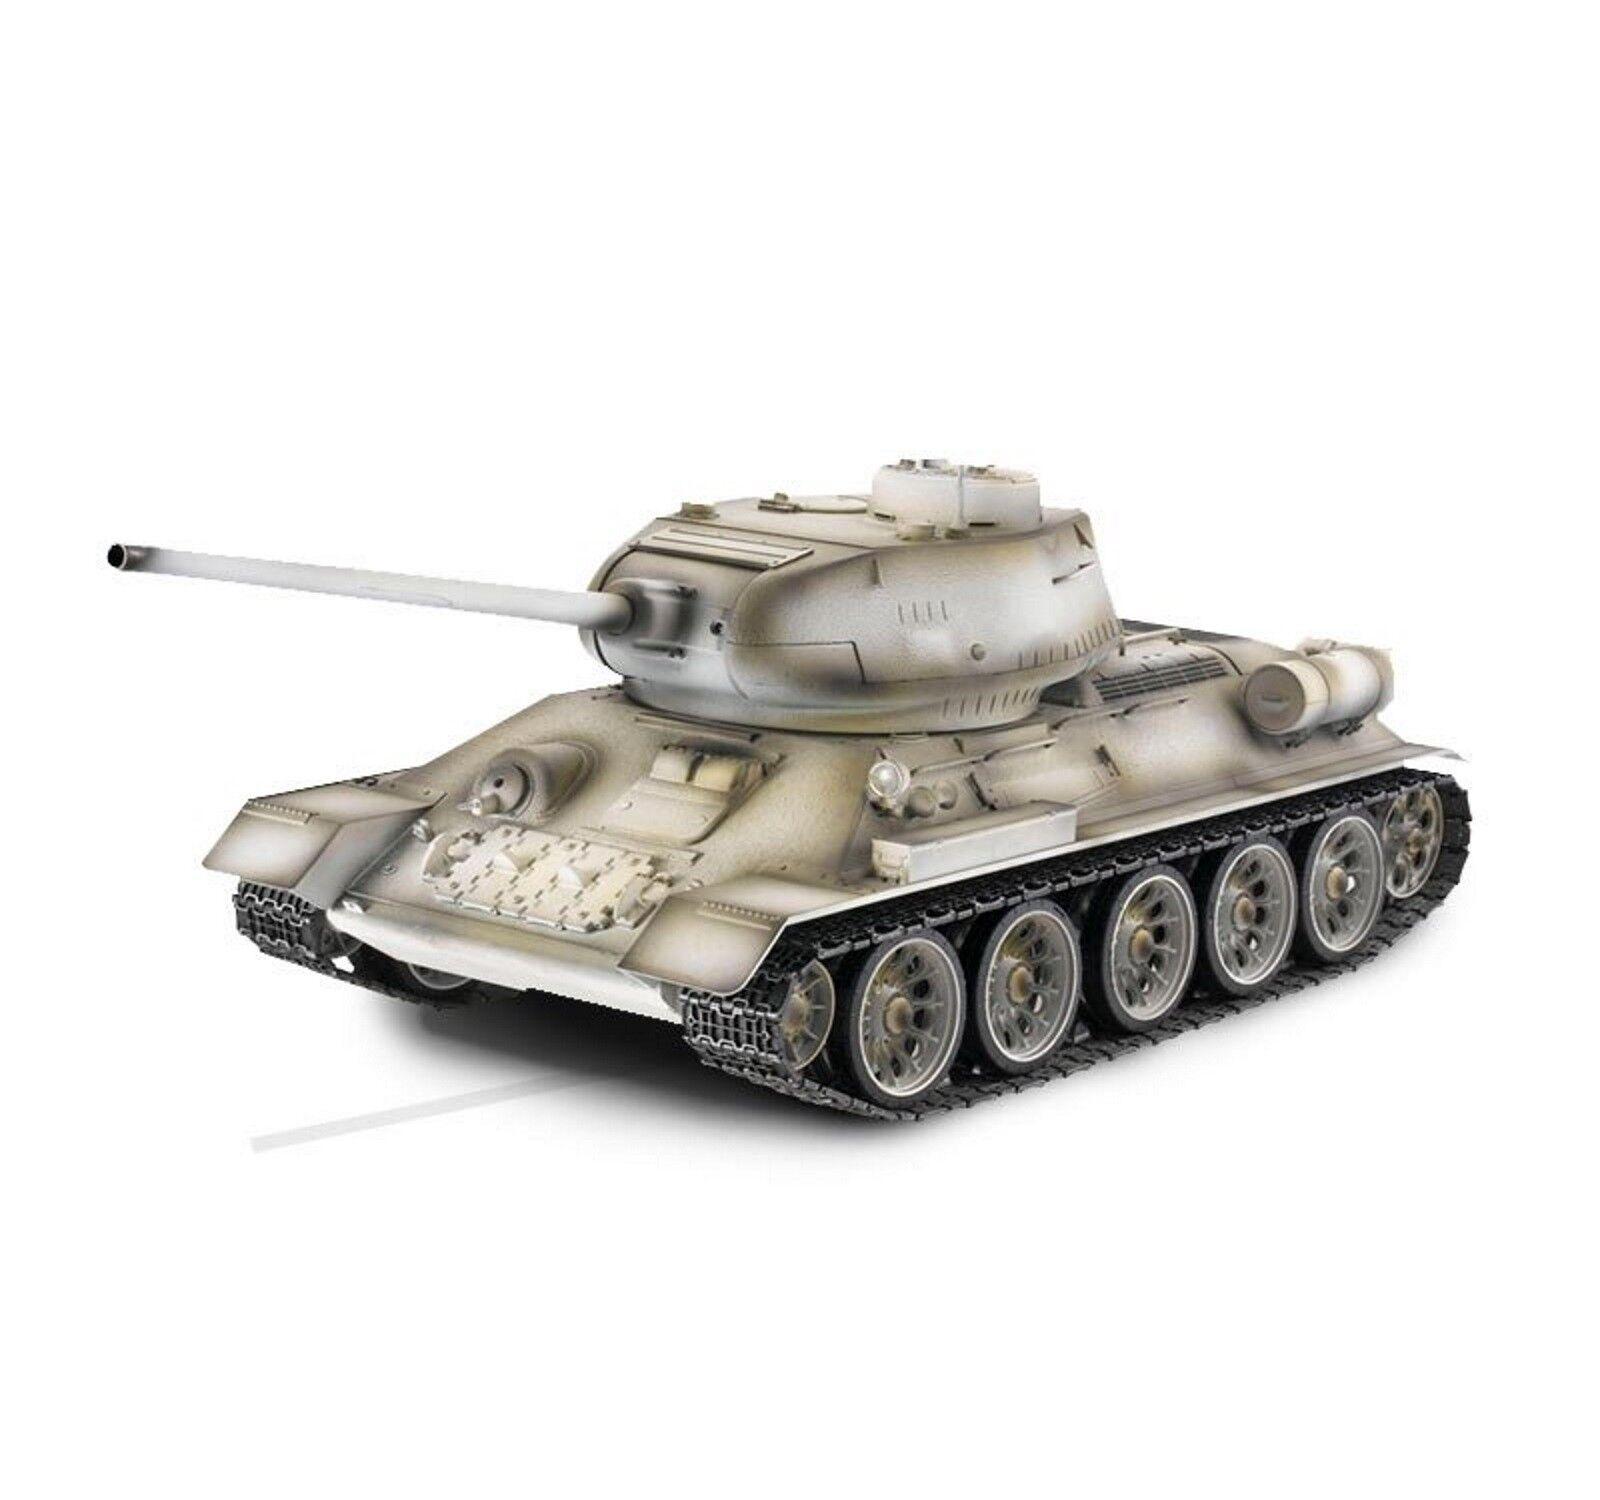 Torro 1 16 Rc Tanque T34 85 Bb 1111900401 Profesional Metal Edición